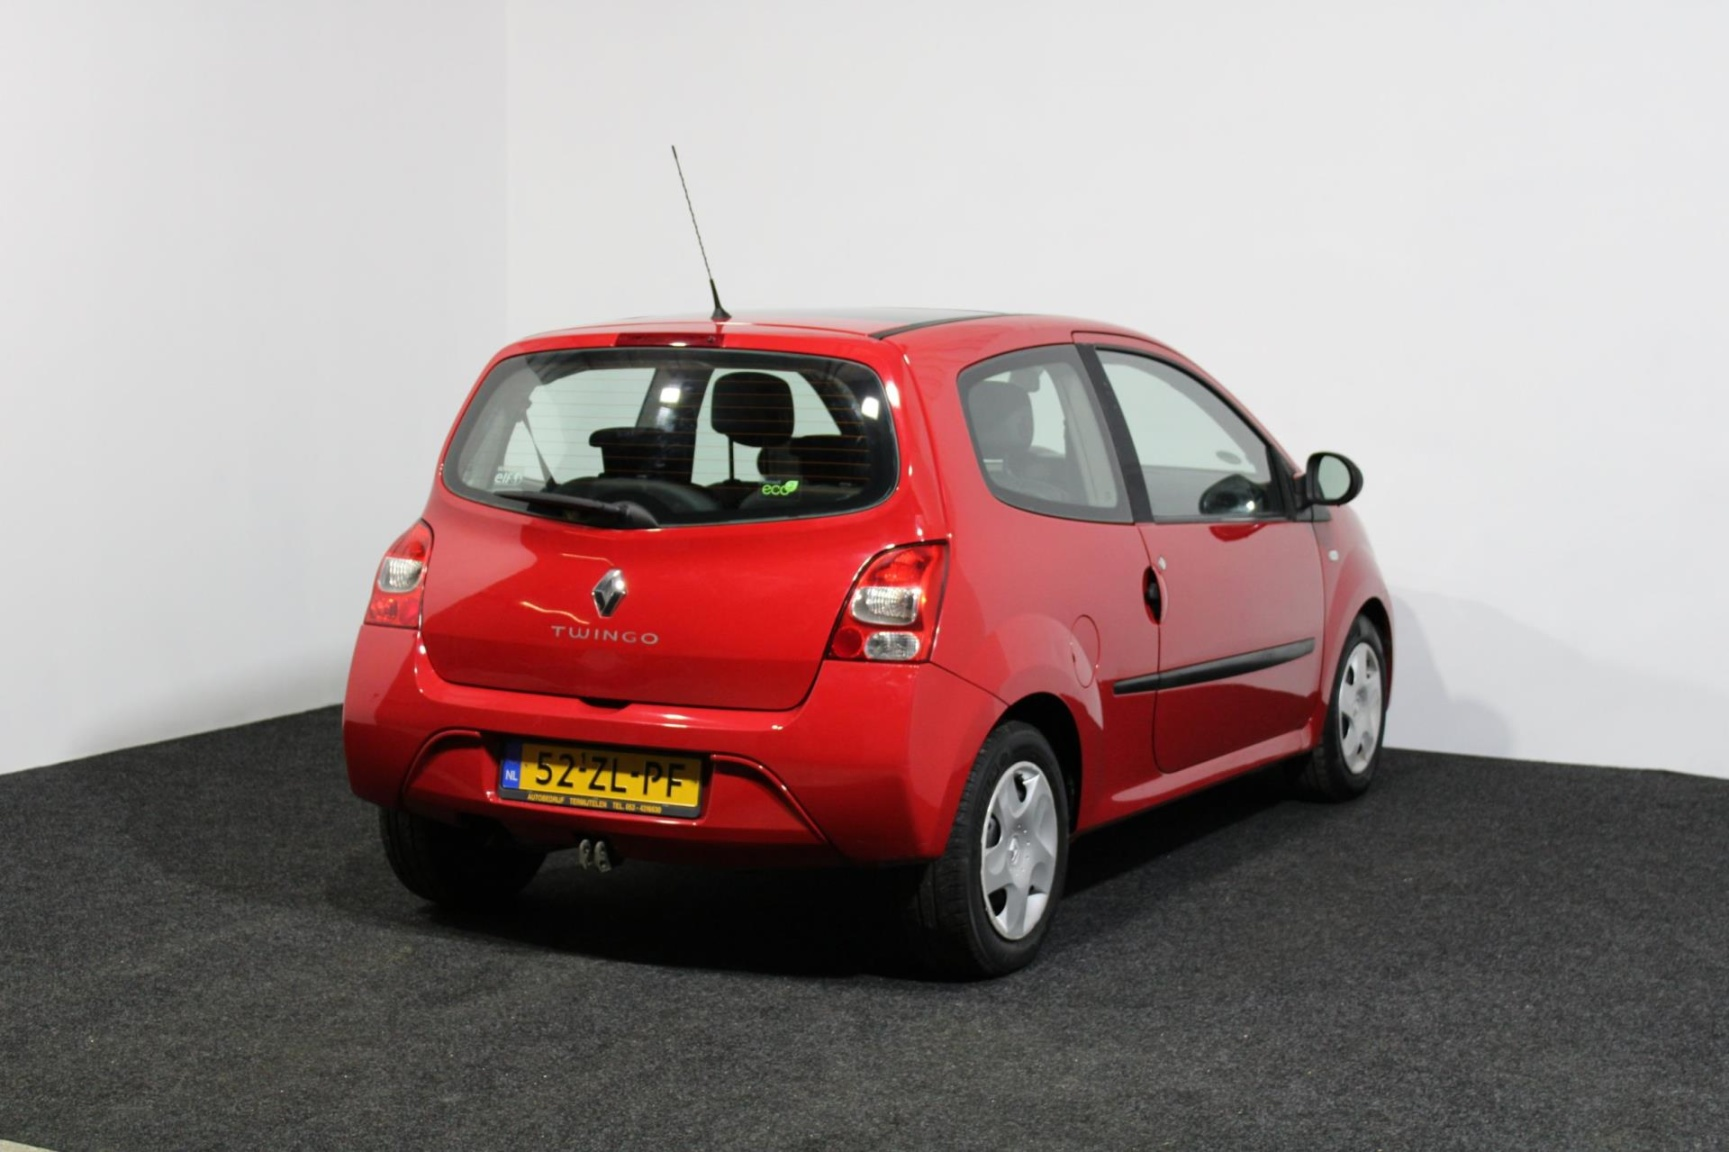 Renault-Twingo-21